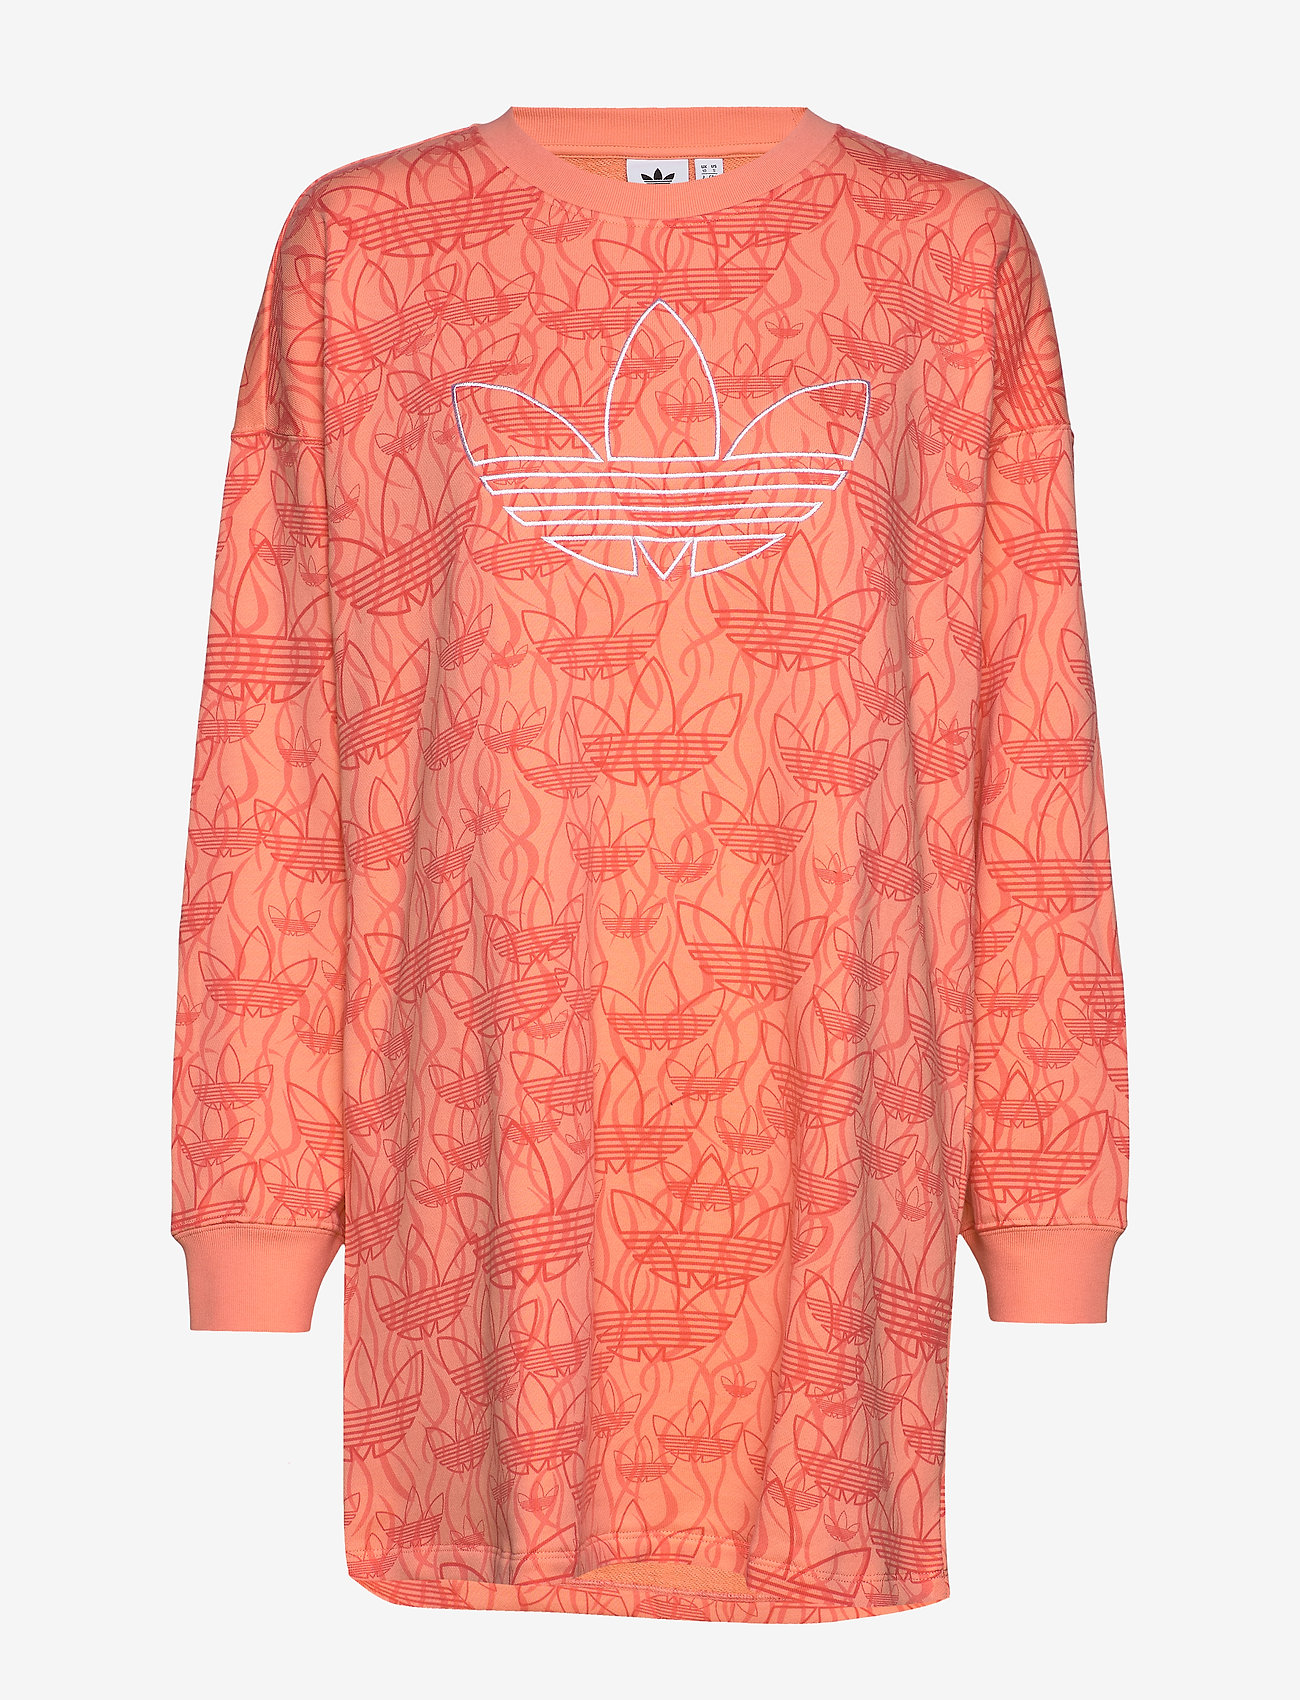 Dress (Chacor/multco) - adidas Originals DlrVCG